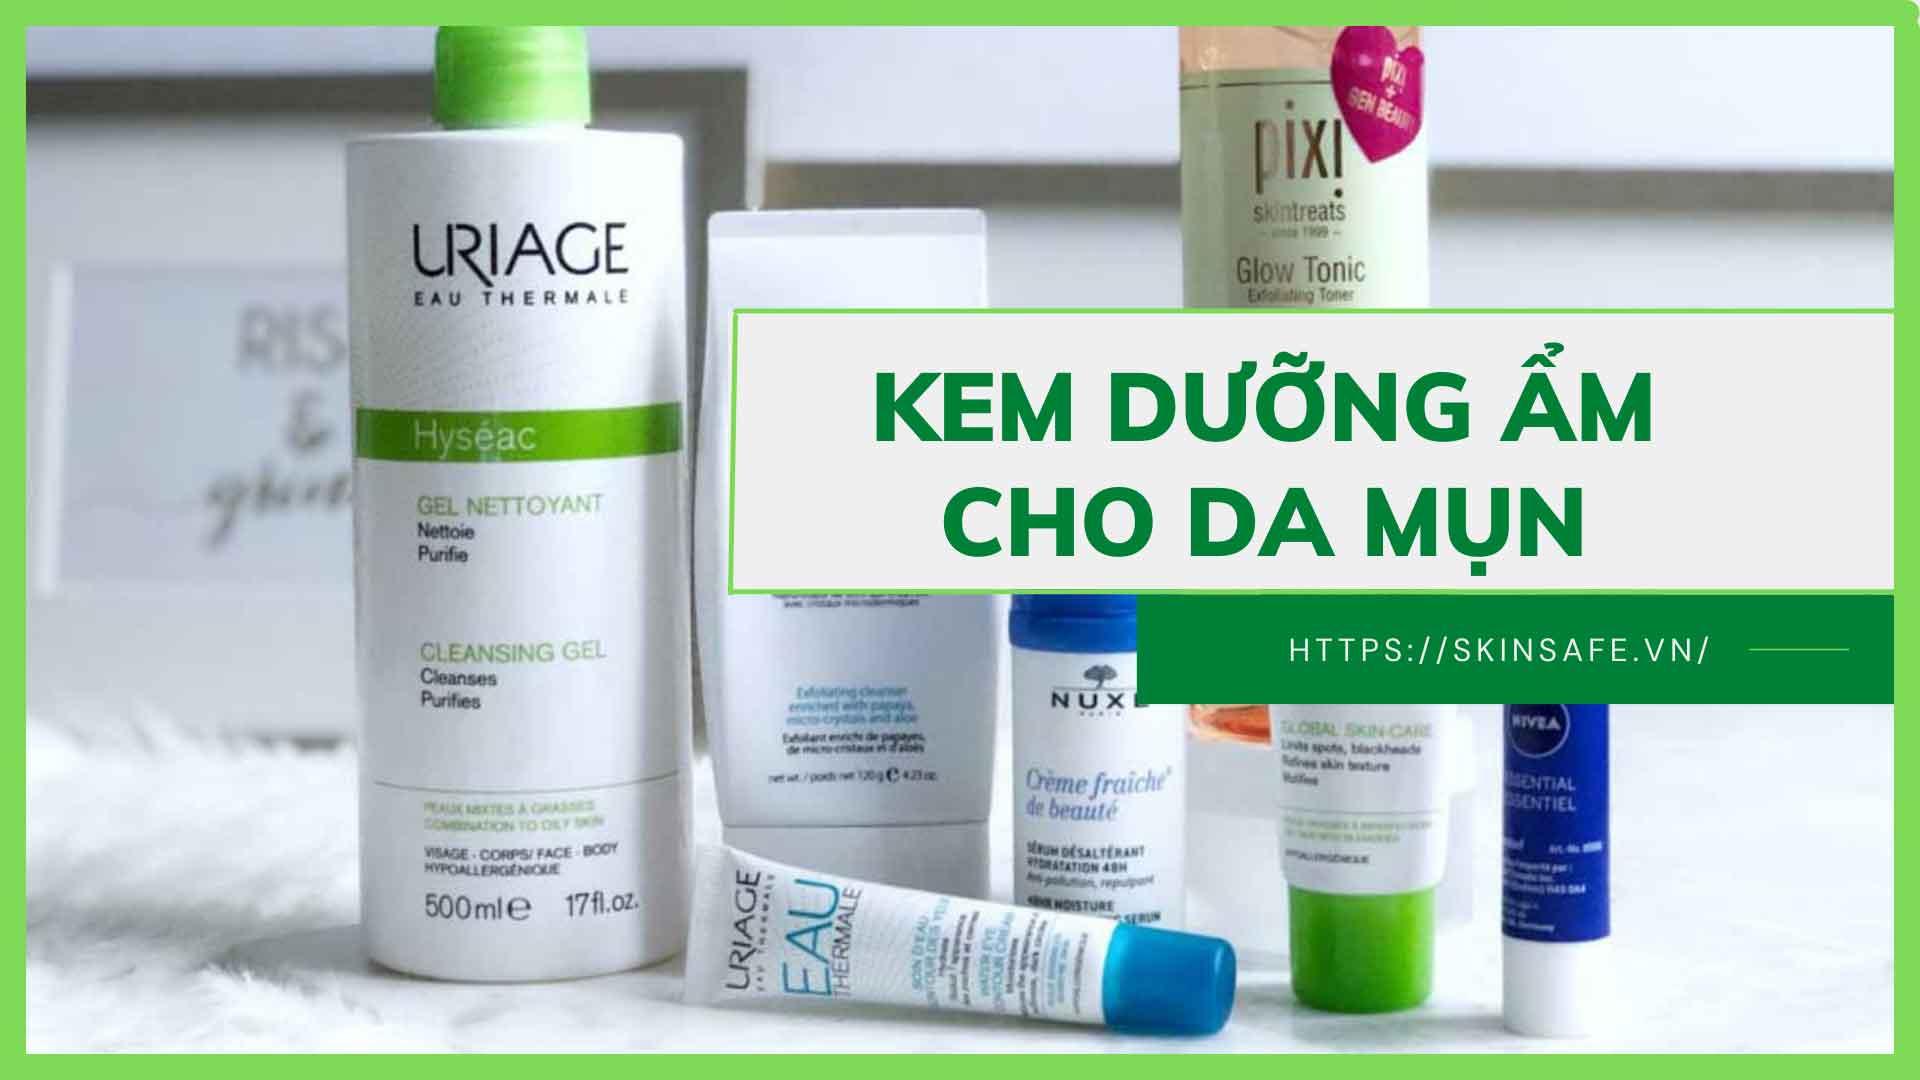 Kem dưỡng ẩm cho da mụn tốt giúp kháng viêm, ngừa mụn